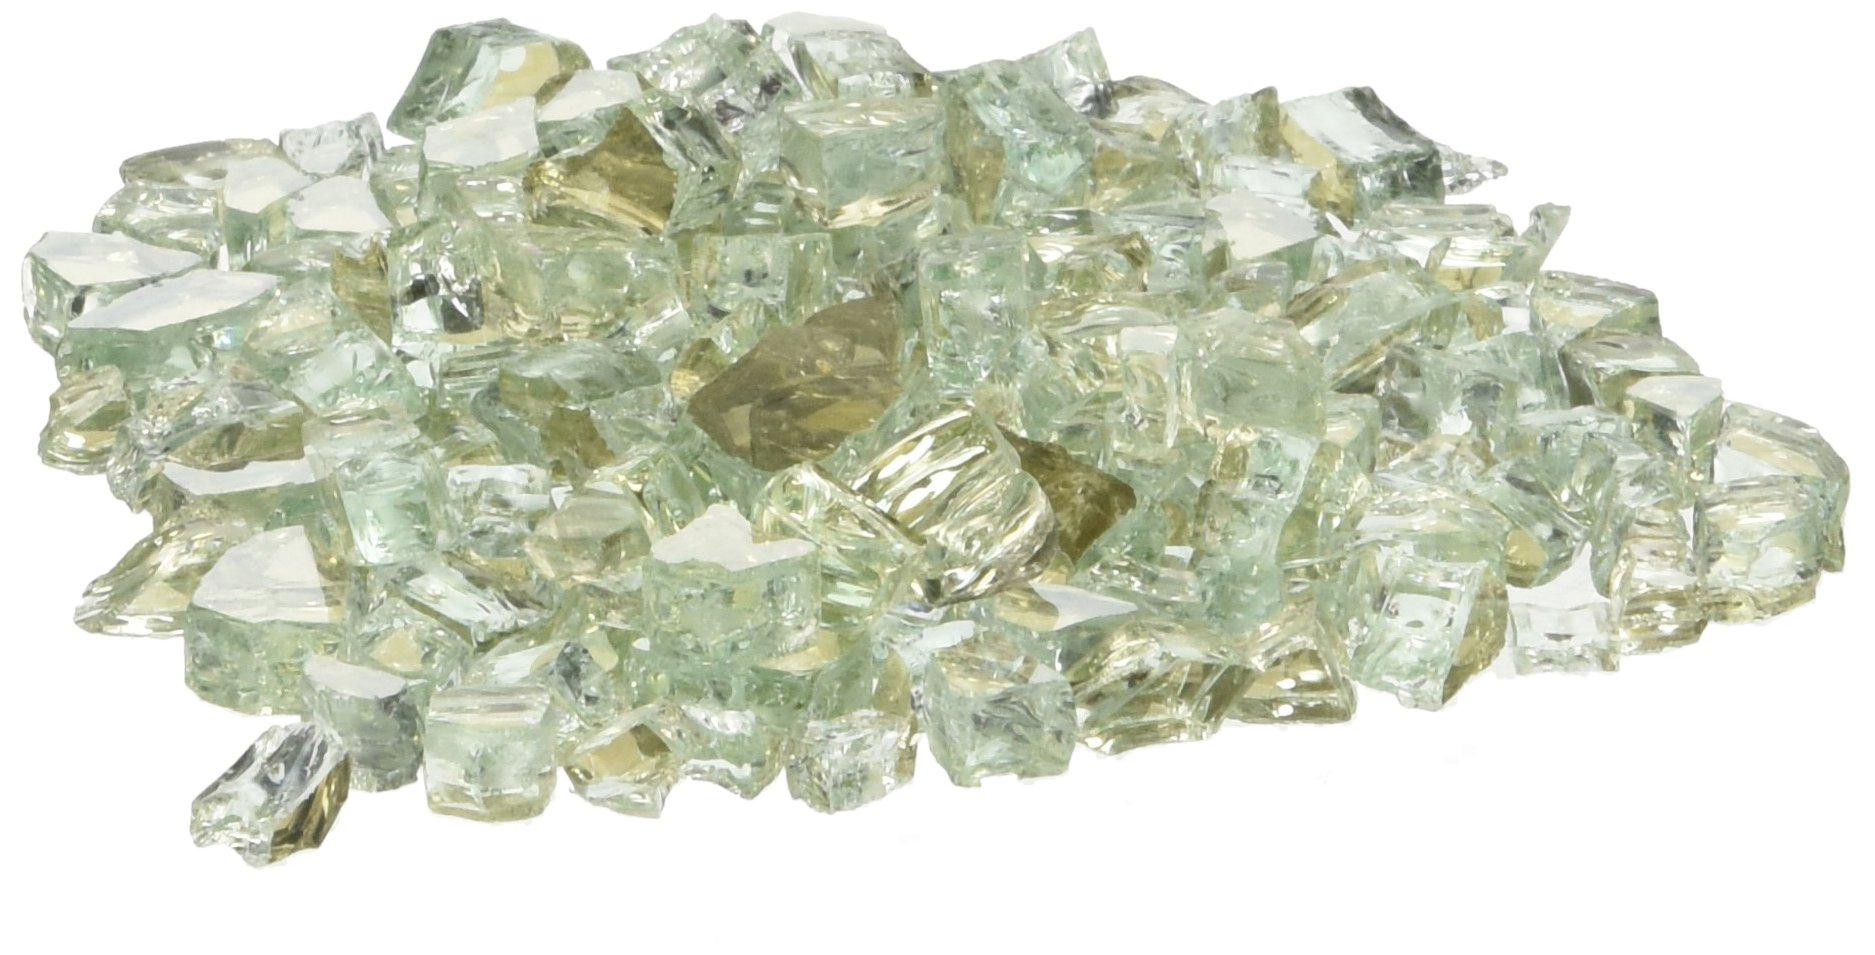 AZ Patio Firepit Reflective Glass, 20 lb, Crystal by Hiland